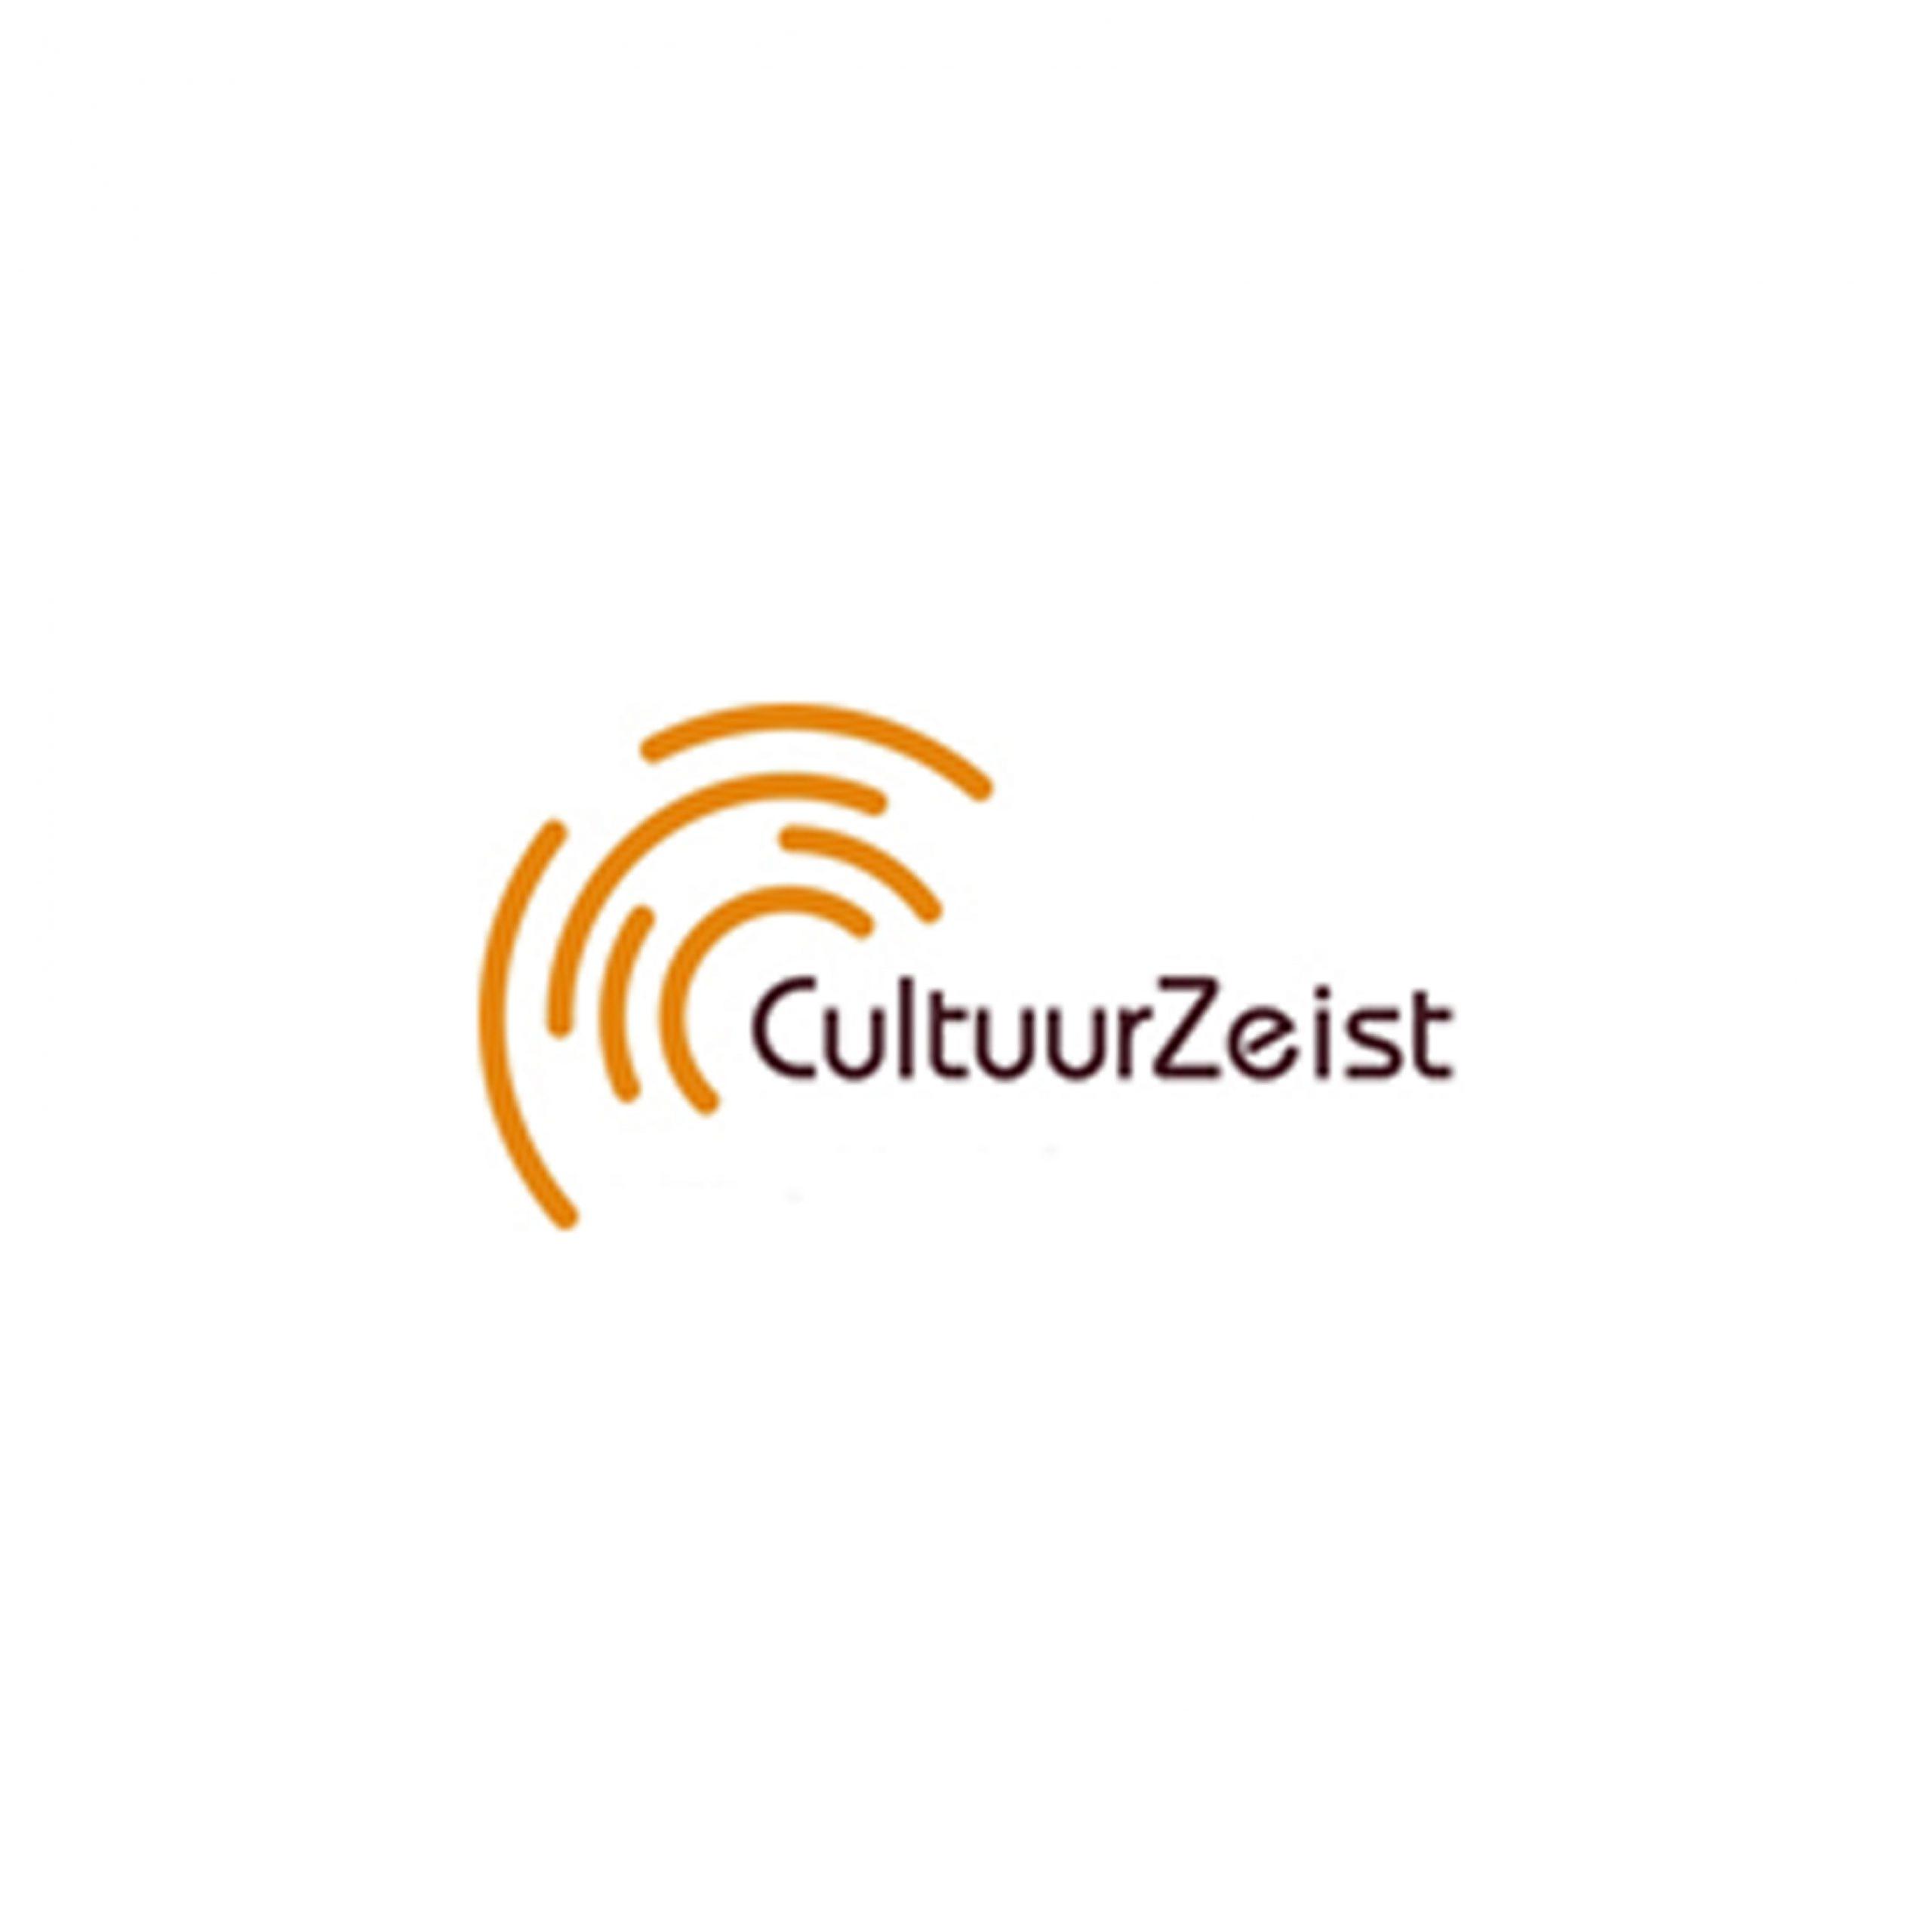 Cultuur Zeist